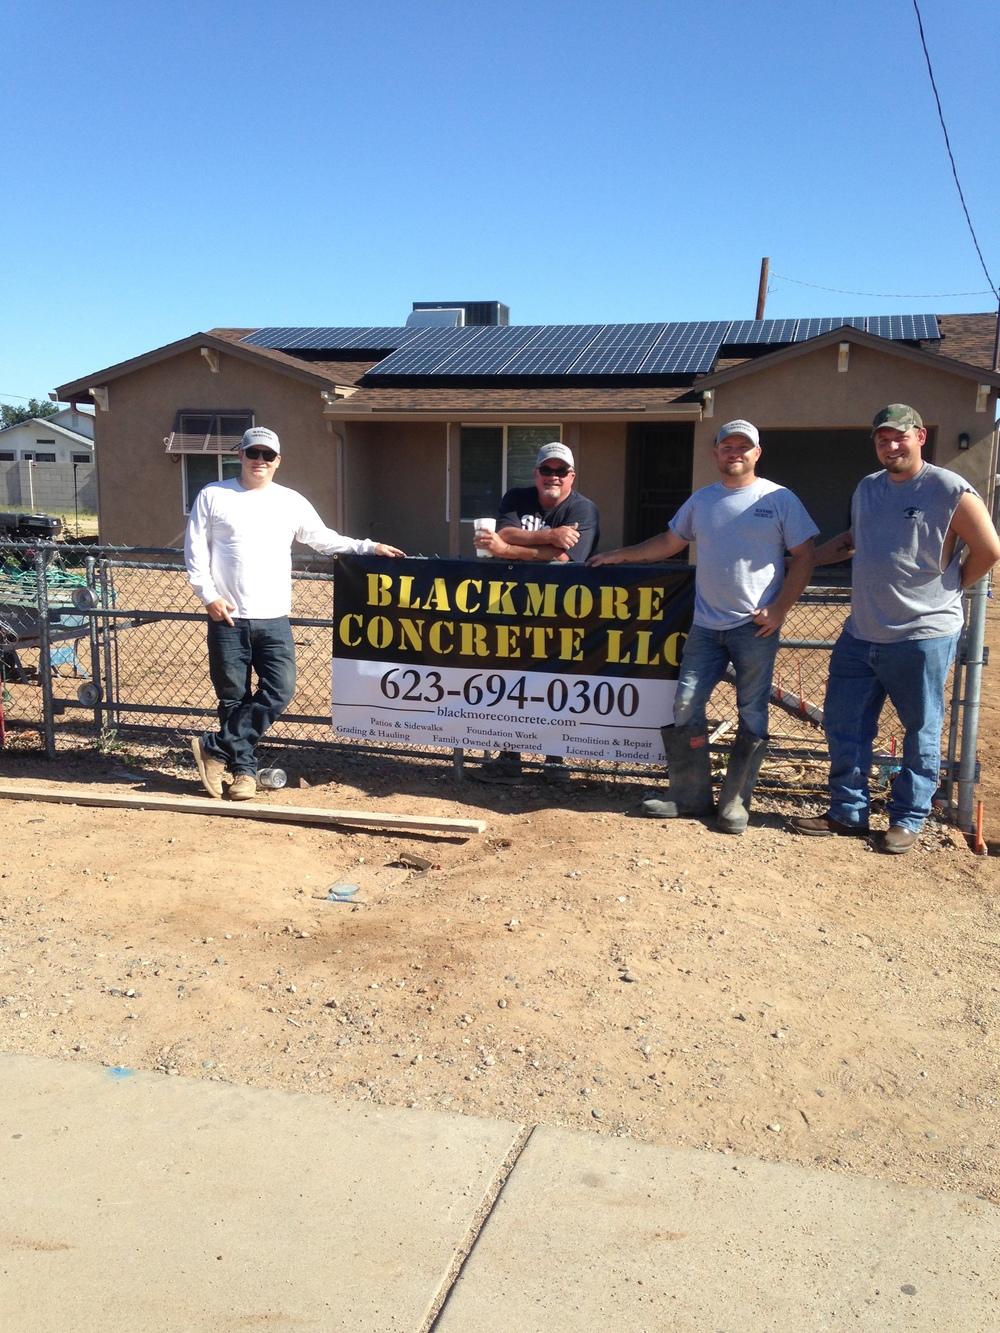 05.09.15_02 Concrete pour_Blackmore Concrete LLC.jpg